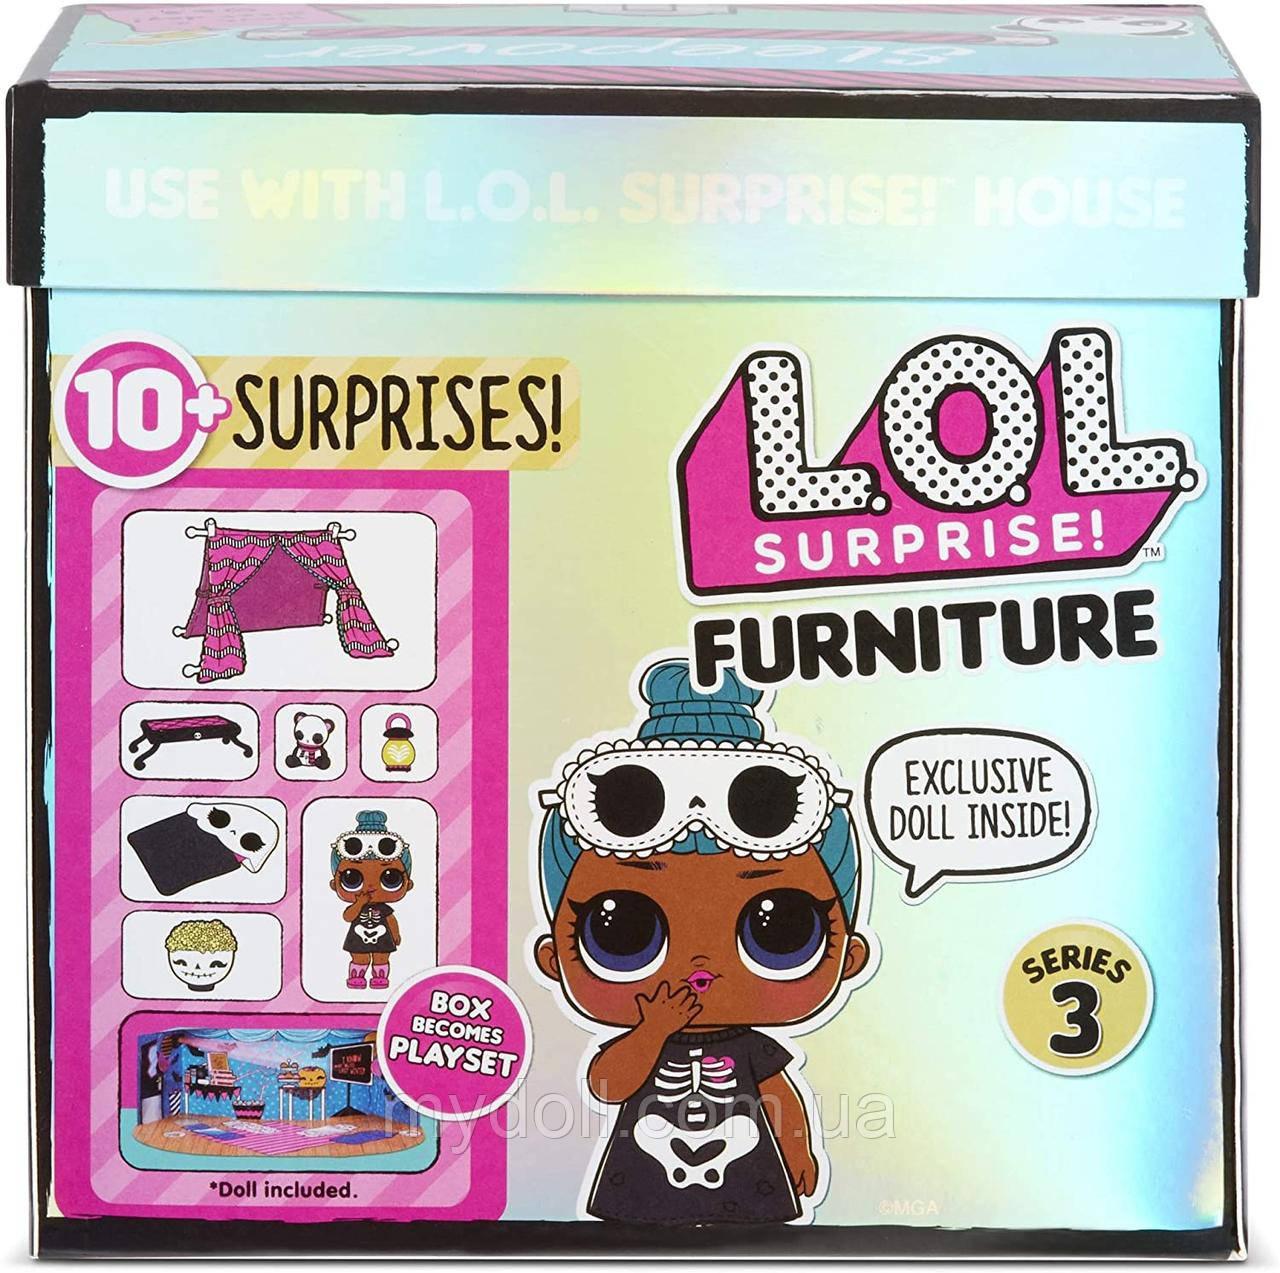 Комната Леди-Сплюшки Игровой набор Стильный интерьер с куклой LOL Furniture Sleepover L.O.L. Surprise! 570035